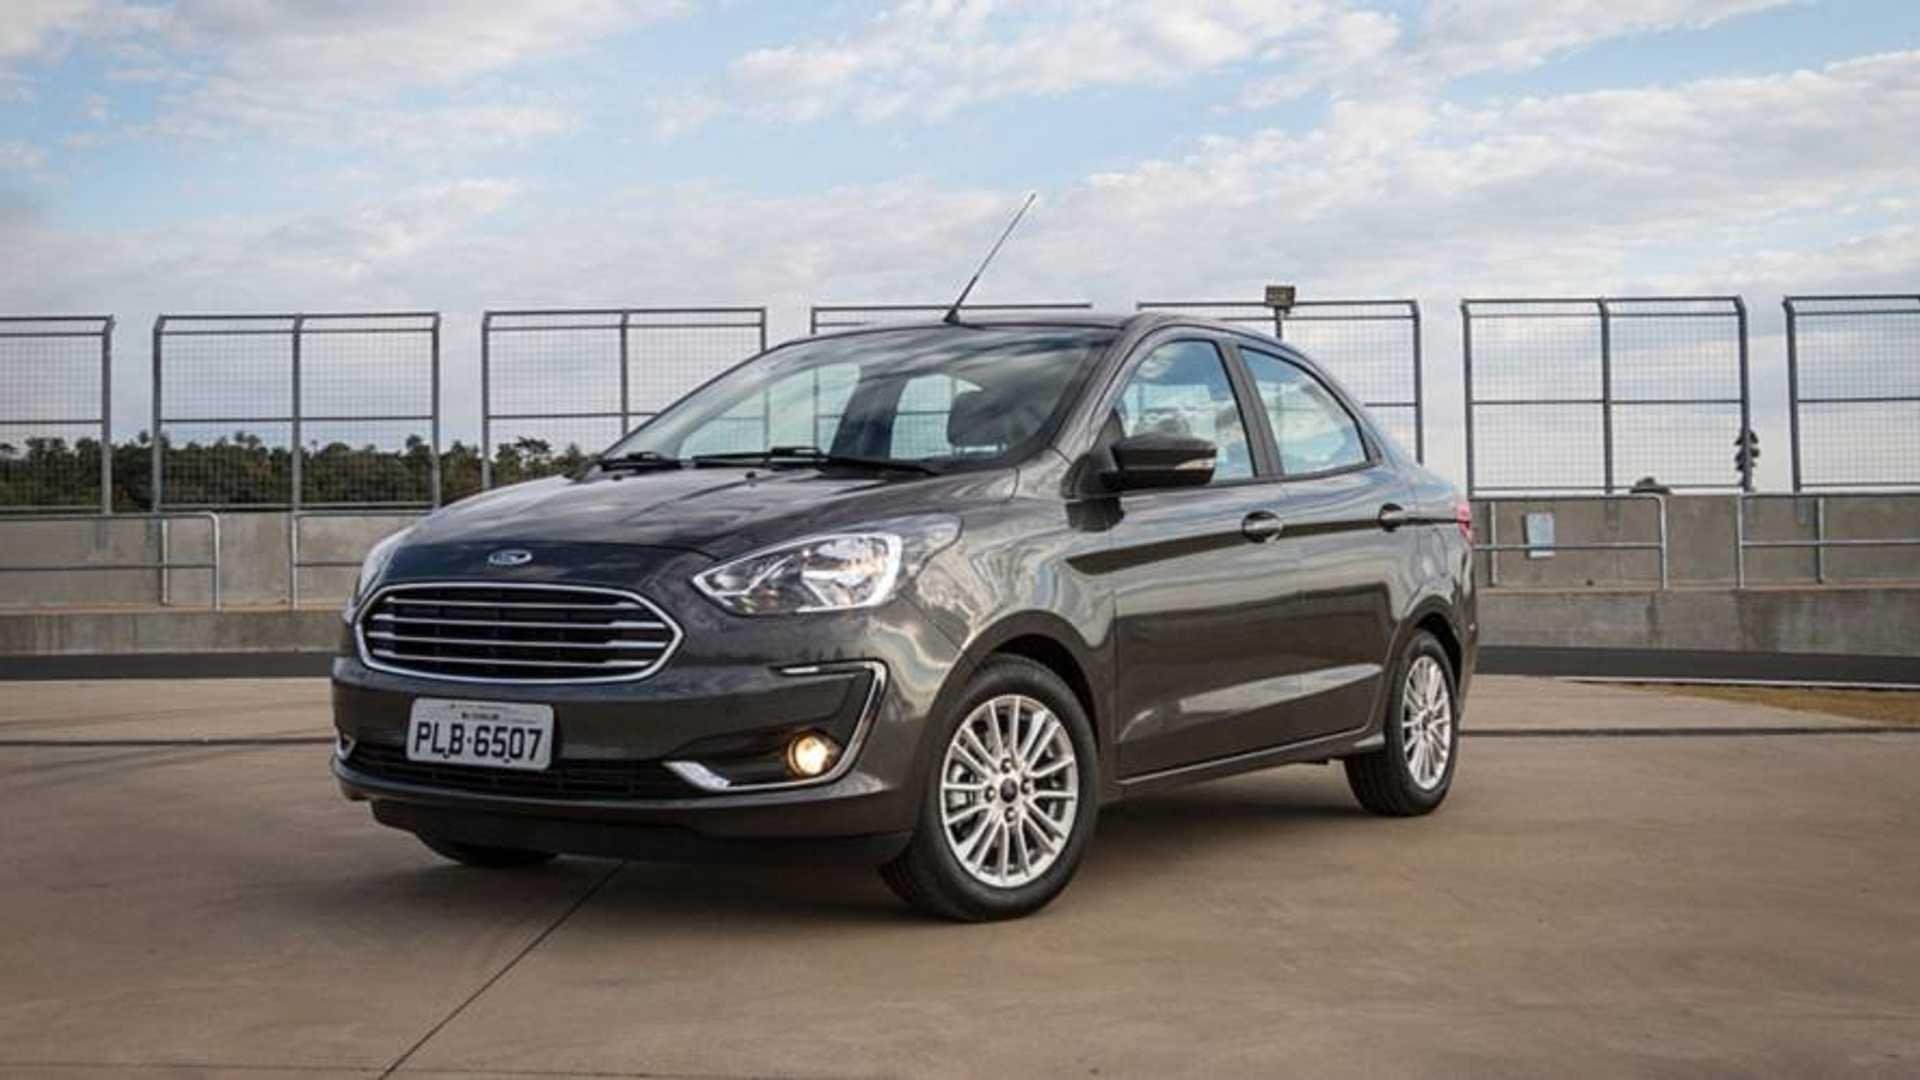 Primeiras Impressoes Ford Ka E Ka Sedan 2019 Demanda Atendida